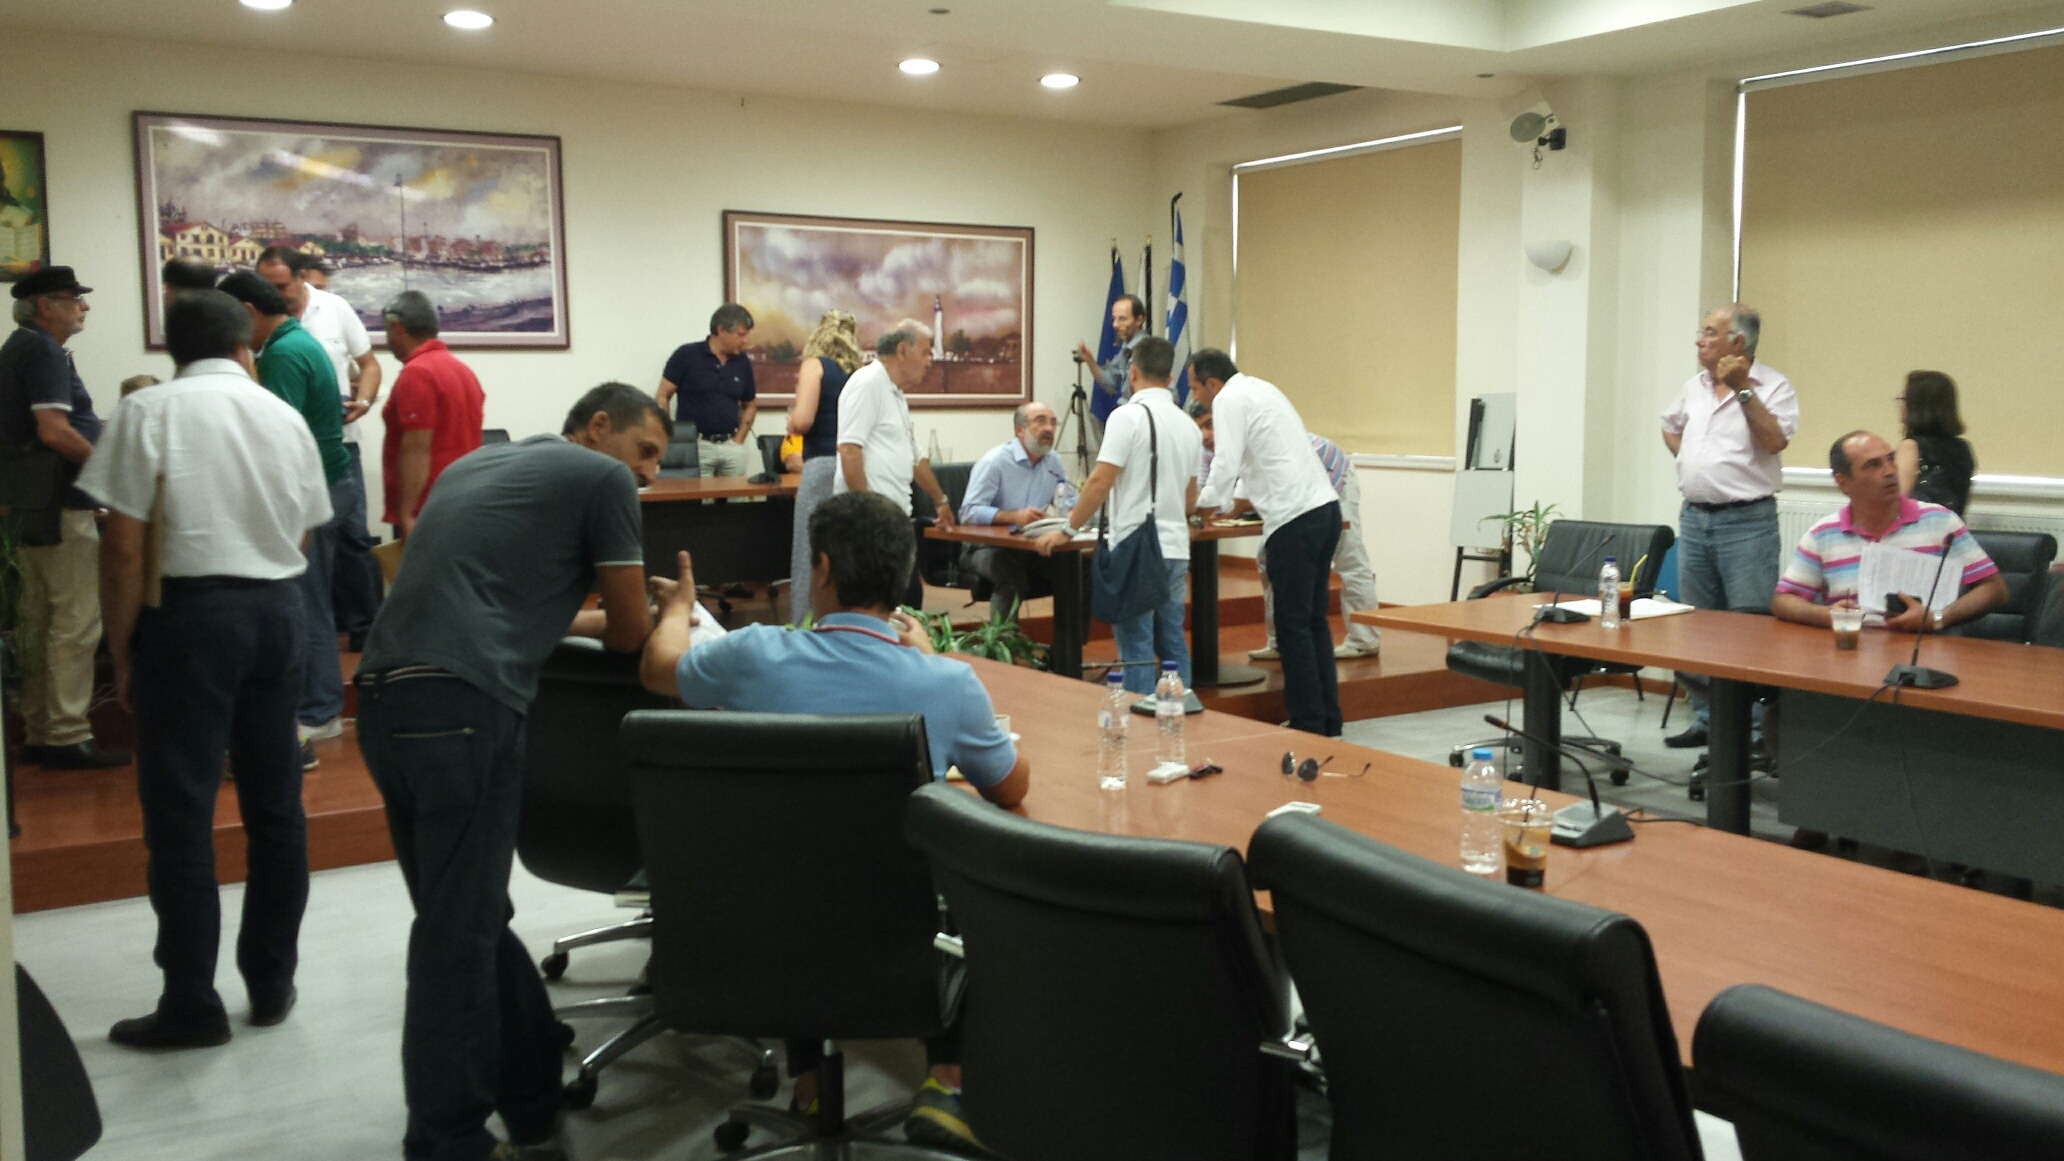 Το 21ο ΔΣ του Δήμου Αλεξ/πολης αναβλήθηκε λόγω μη απαρτίας (21/7/2014 19:35)